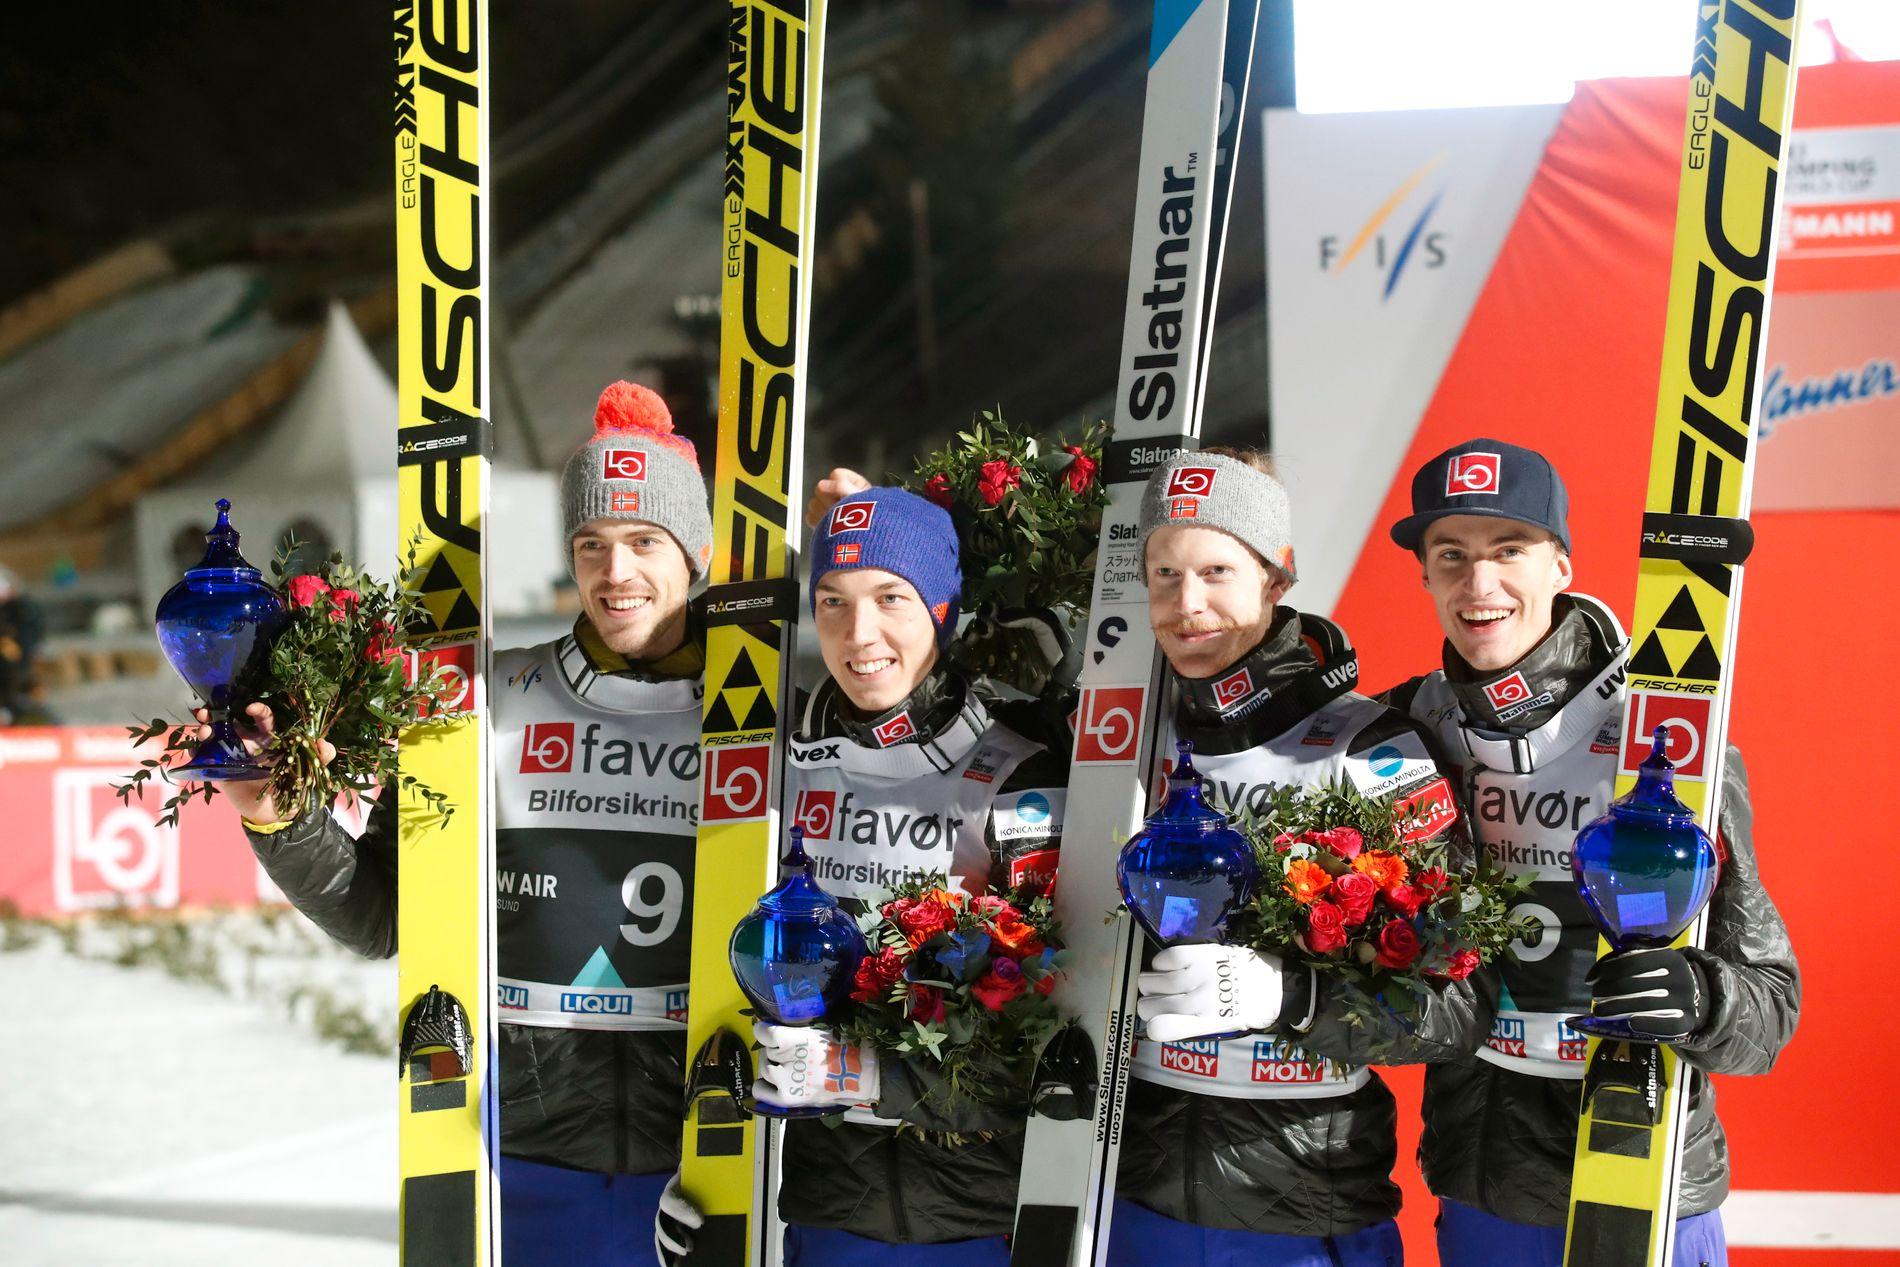 VINNER DE IGJEN: Her er Andreas Stjernen (til venstre), Johann Forfang, Robert Johansson og Daniel-André Tande etter seieren i Vikersund.